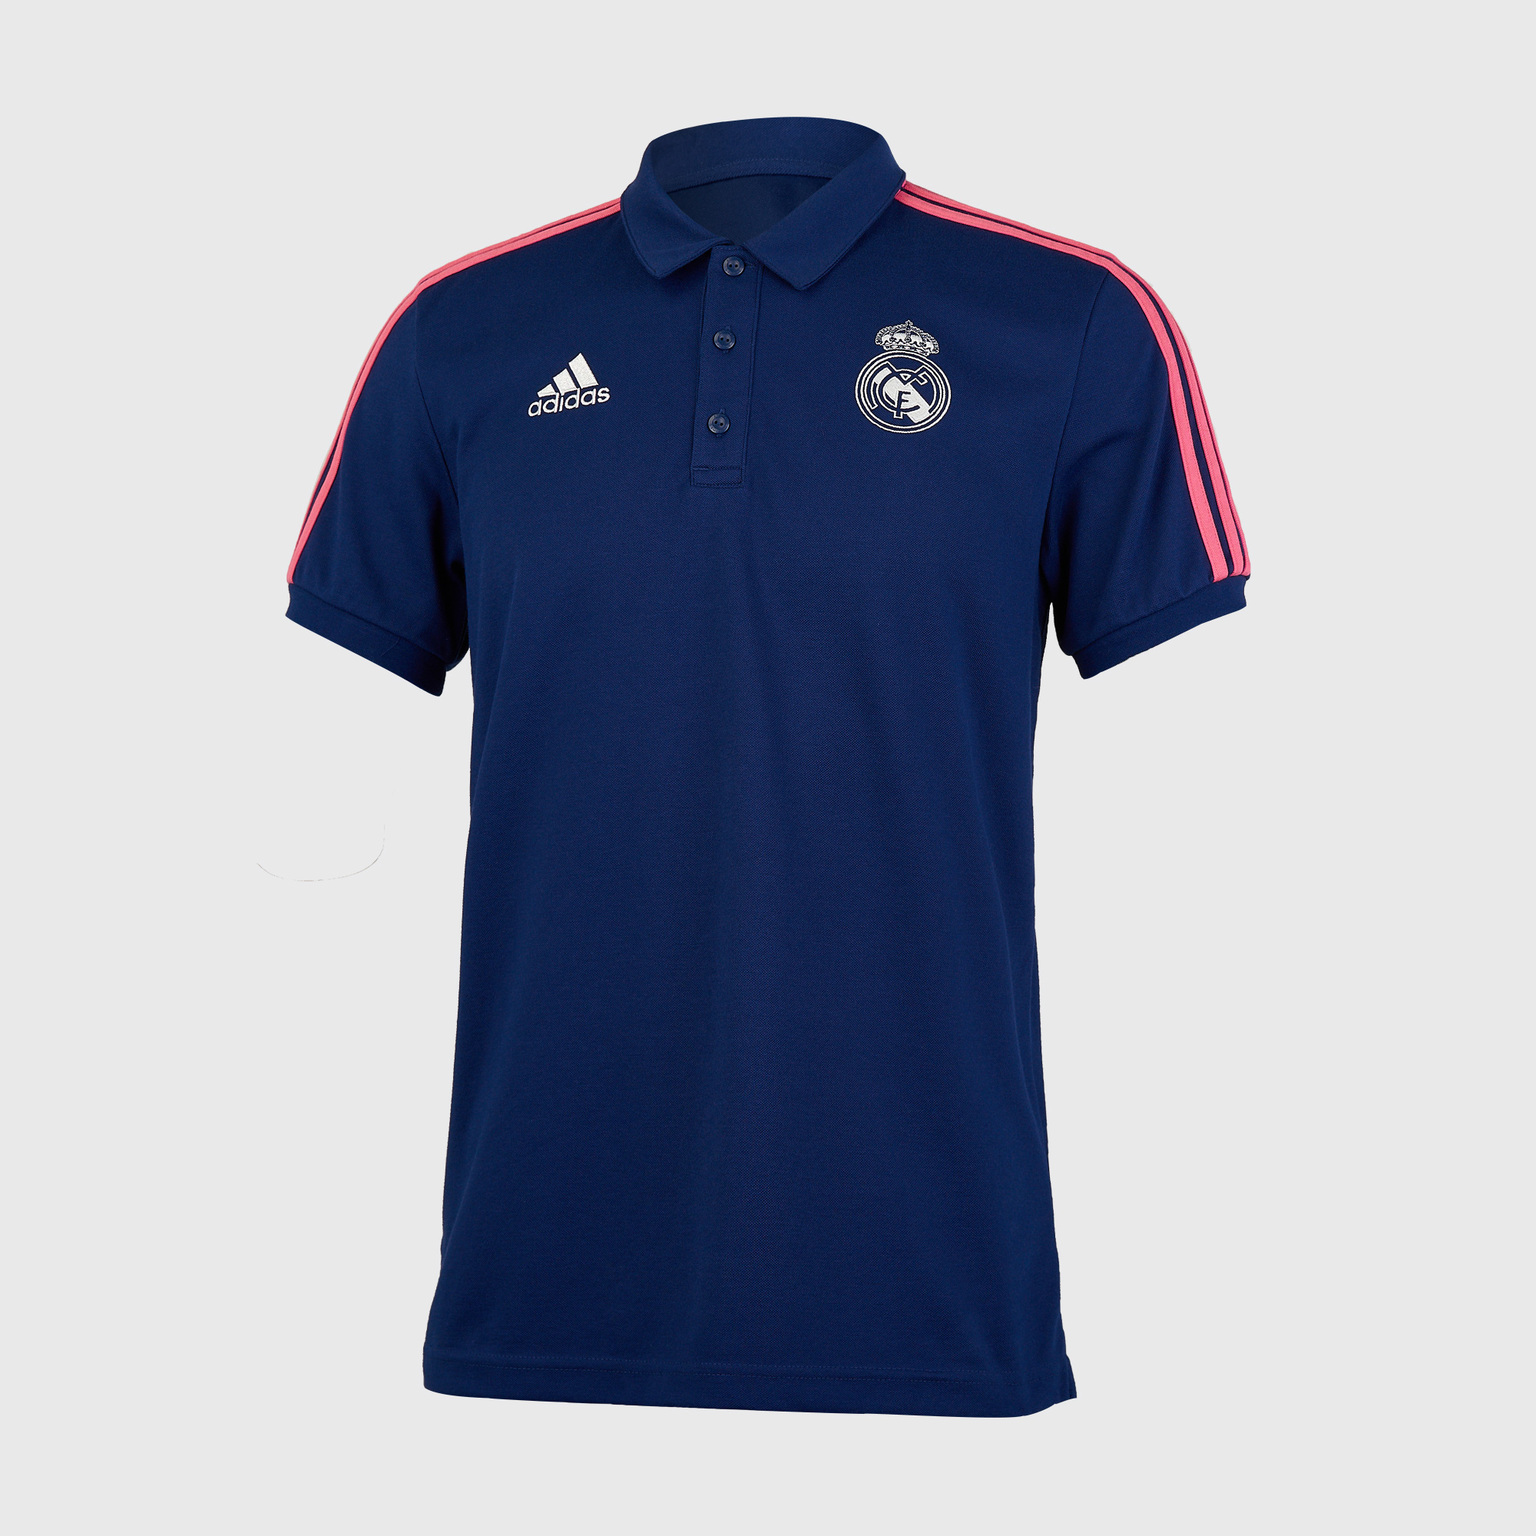 Поло Adidas Real Madrid сезон 2020/21 шорты тренировочные adidas real madrid сезон 2020 21